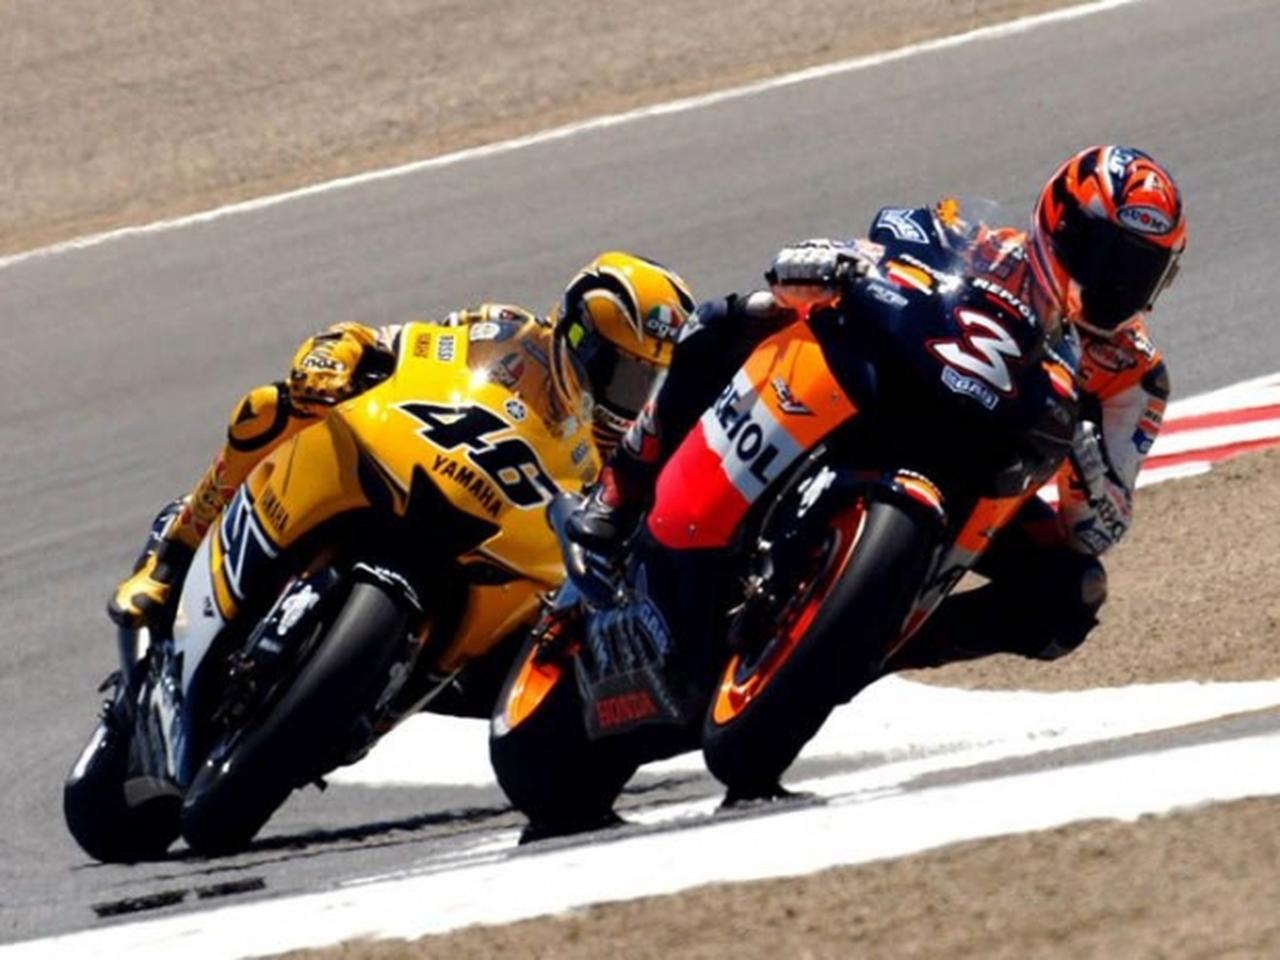 画像: 2005年アメリカGP(ラグナセカ)で、V.ロッシ(ヤマハ、左)と競うM.ビアッジ(右)。 www.max-biaggi.com